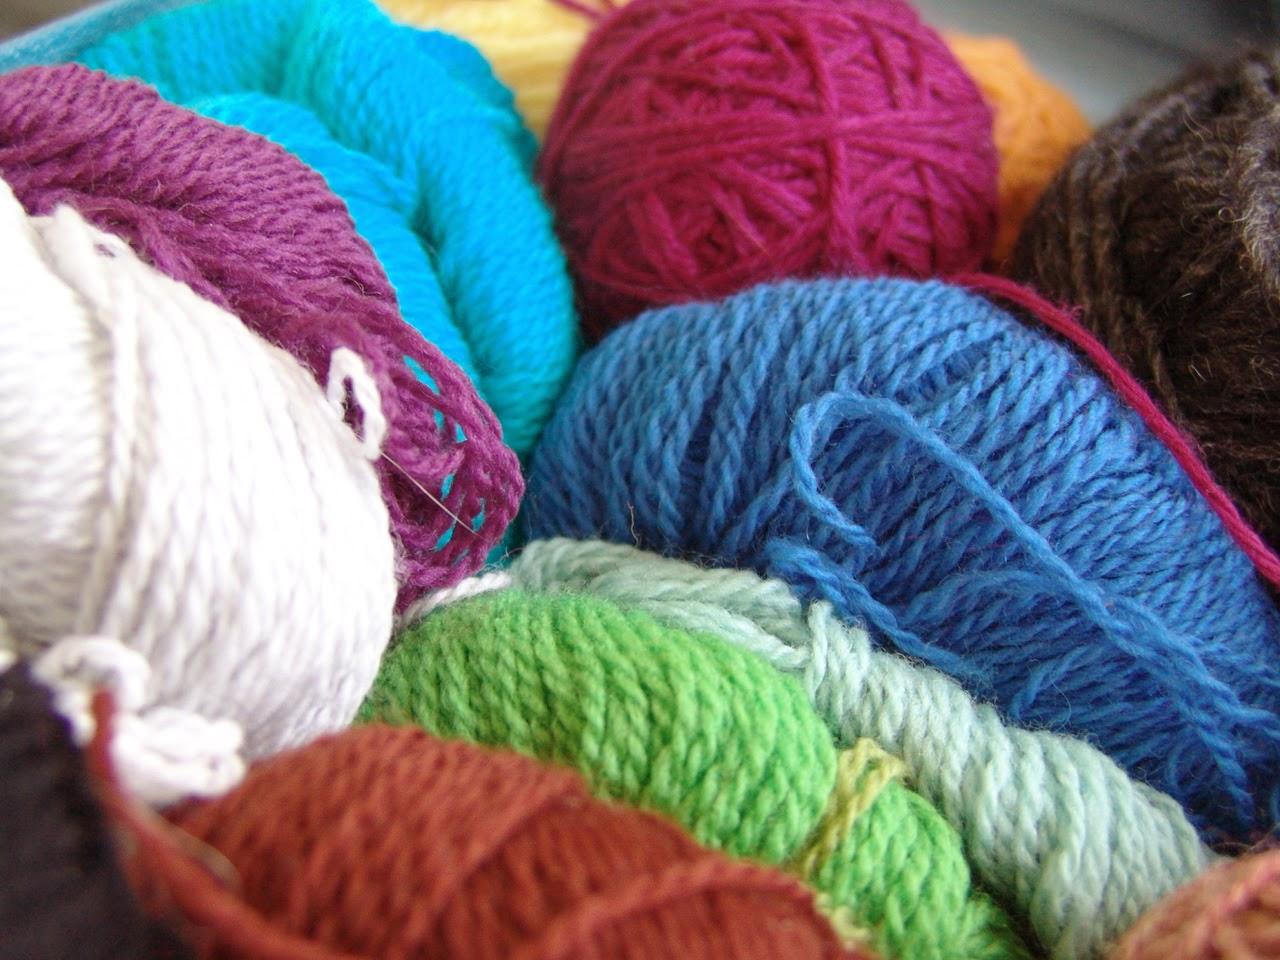 apprendre tricoter choisir son fil. Black Bedroom Furniture Sets. Home Design Ideas